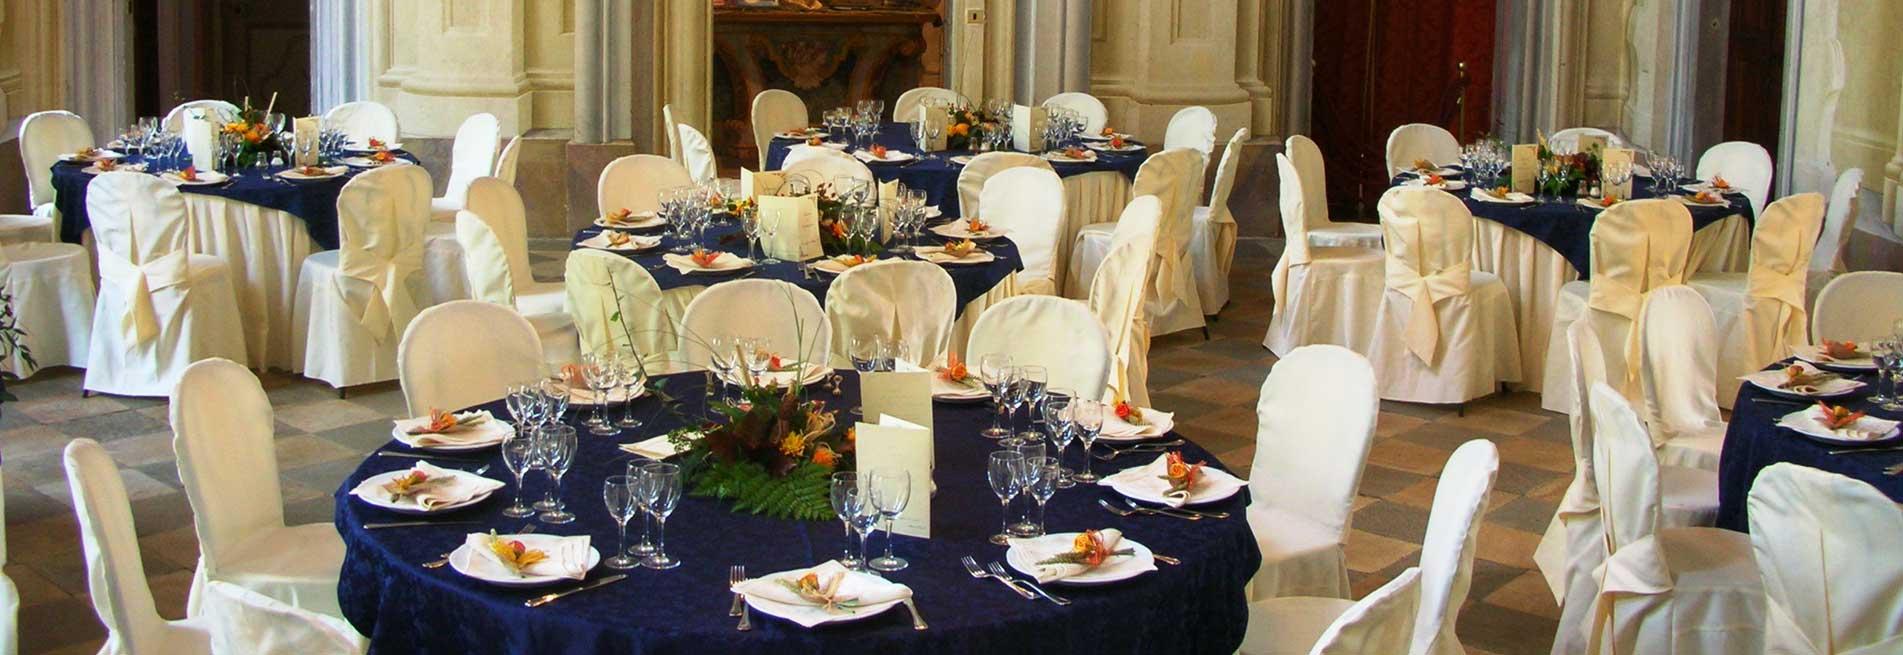 Allestimento sala per matrimonio al Castello Conti Canalis di Cumiana